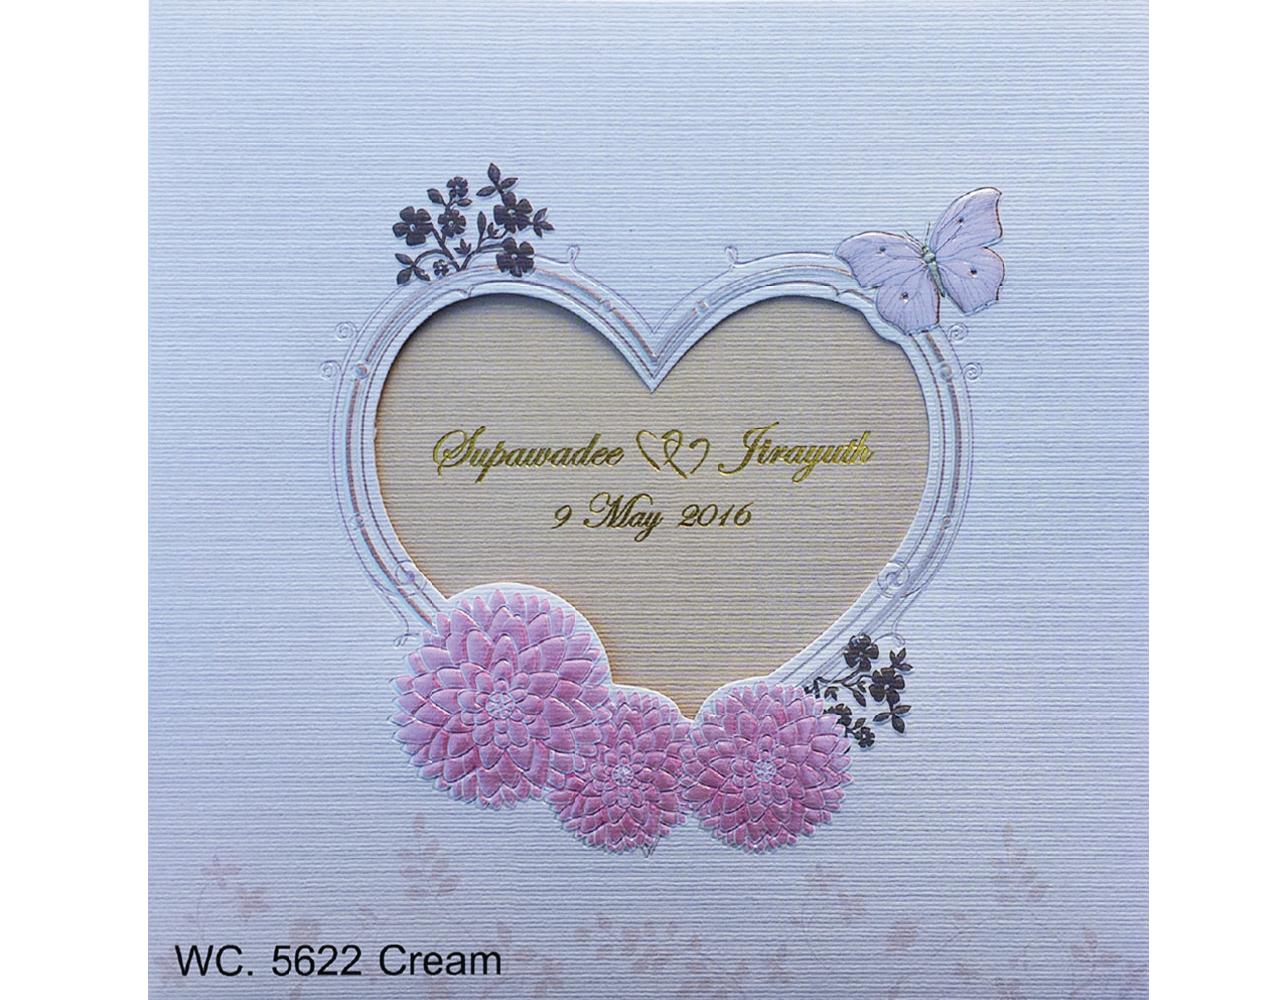 การ์ดแต่งงาน การ์ดเชิญ แบบเรียบๆ สีชมพู 3 พับ ไดคัทหัวใจ ปั๊มนูนดอกไม้ wedding card 14.8 x 14.8 WC 5622 Cream ฿ 8.20